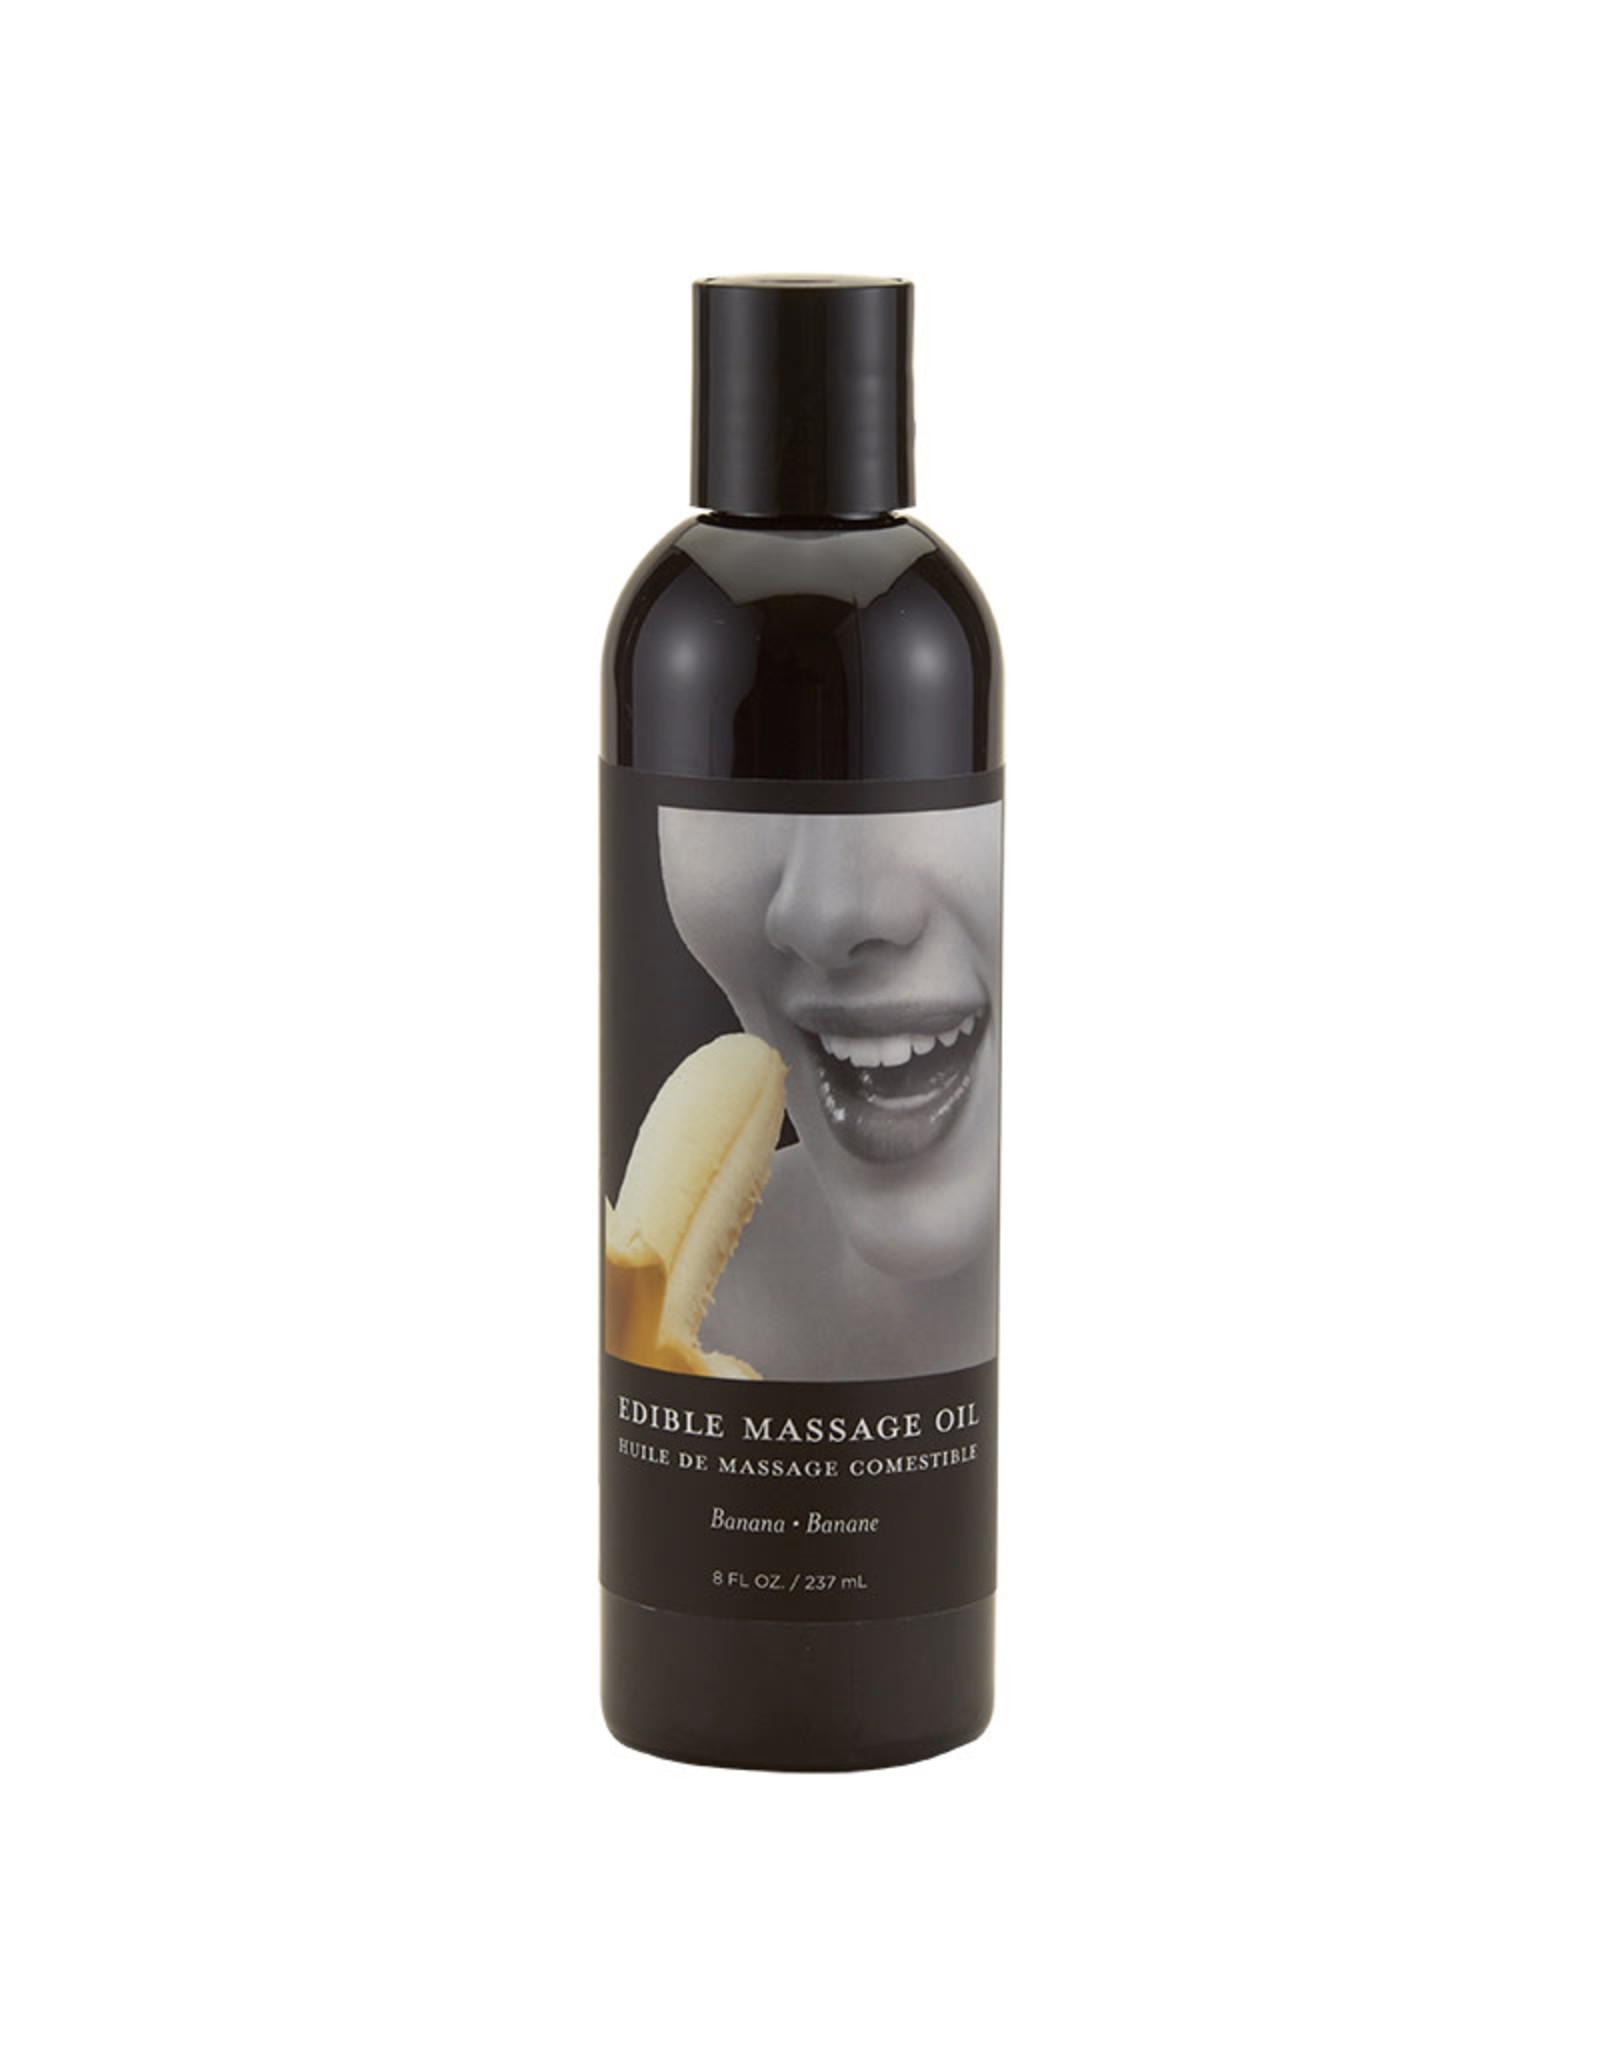 Earthly Body Earthly Body - Edible Massage Oil - Banana - 8oz